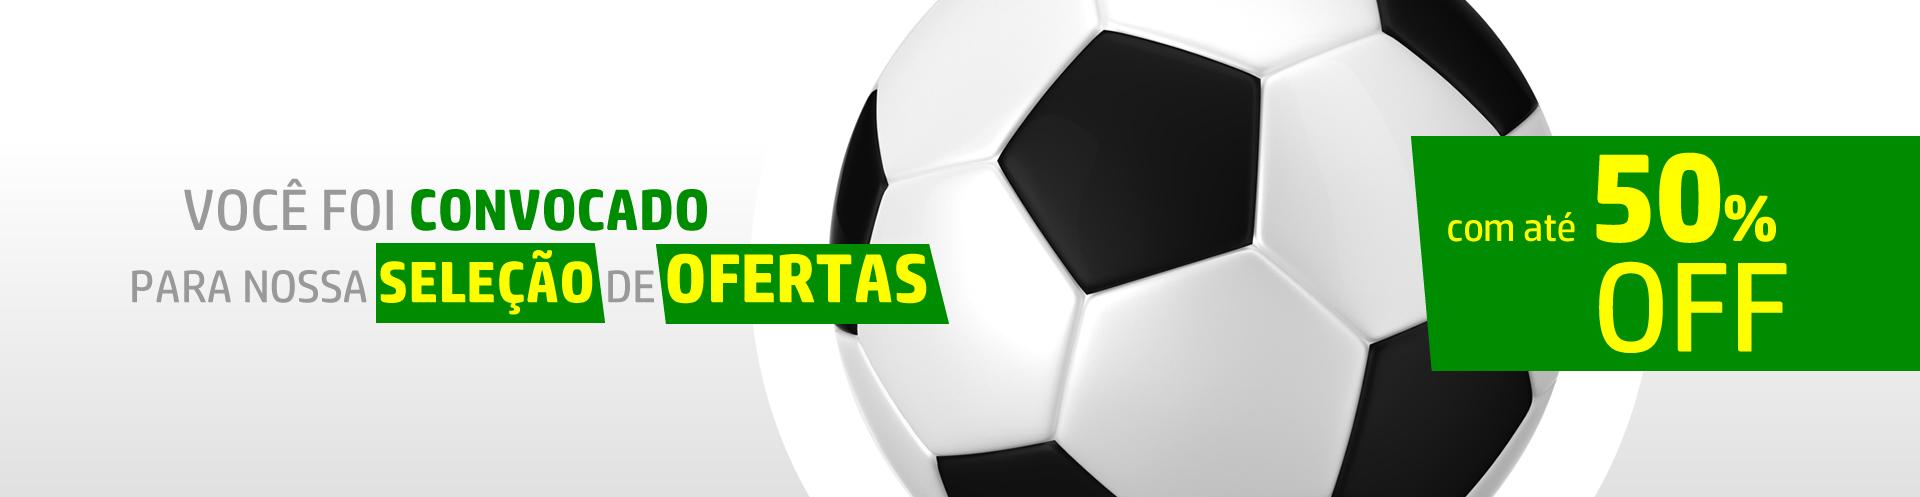 Ofertas Copa